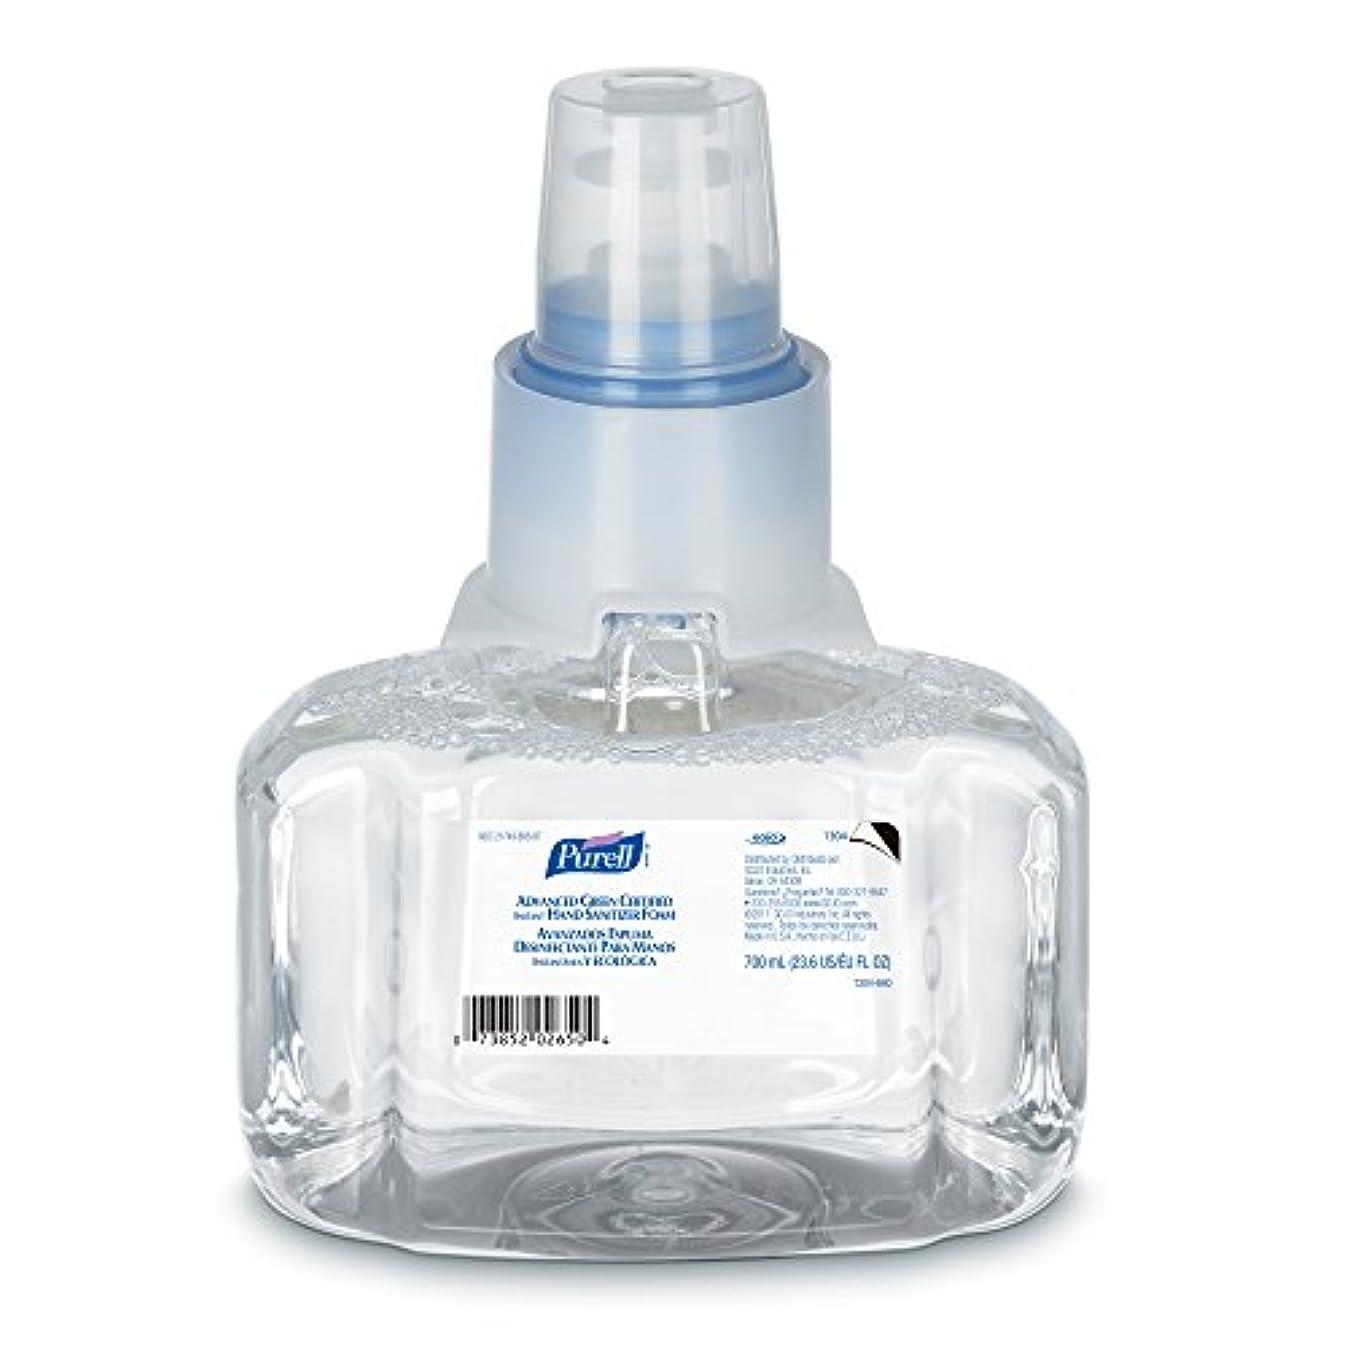 貼り直す前兆鍔Purell 1304-03 Advanced Green Certified Instant Hand Sanitizer Foam, 700 ml Refill (Pack of 3) by Purell